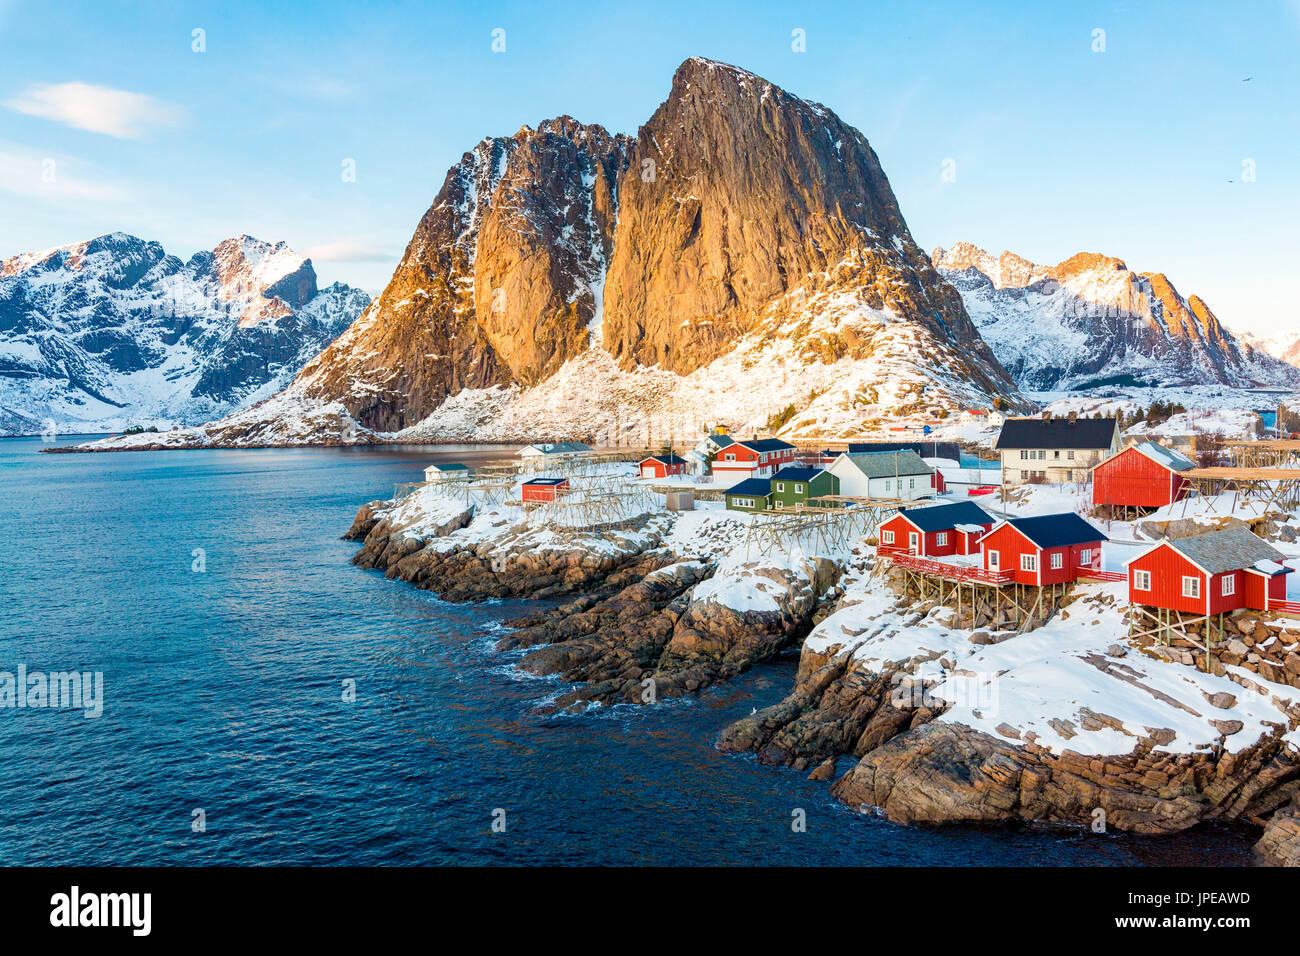 Hamnoy, islas Lofoten, Noruega. Vista de invierno en un día soleado Imagen De Stock